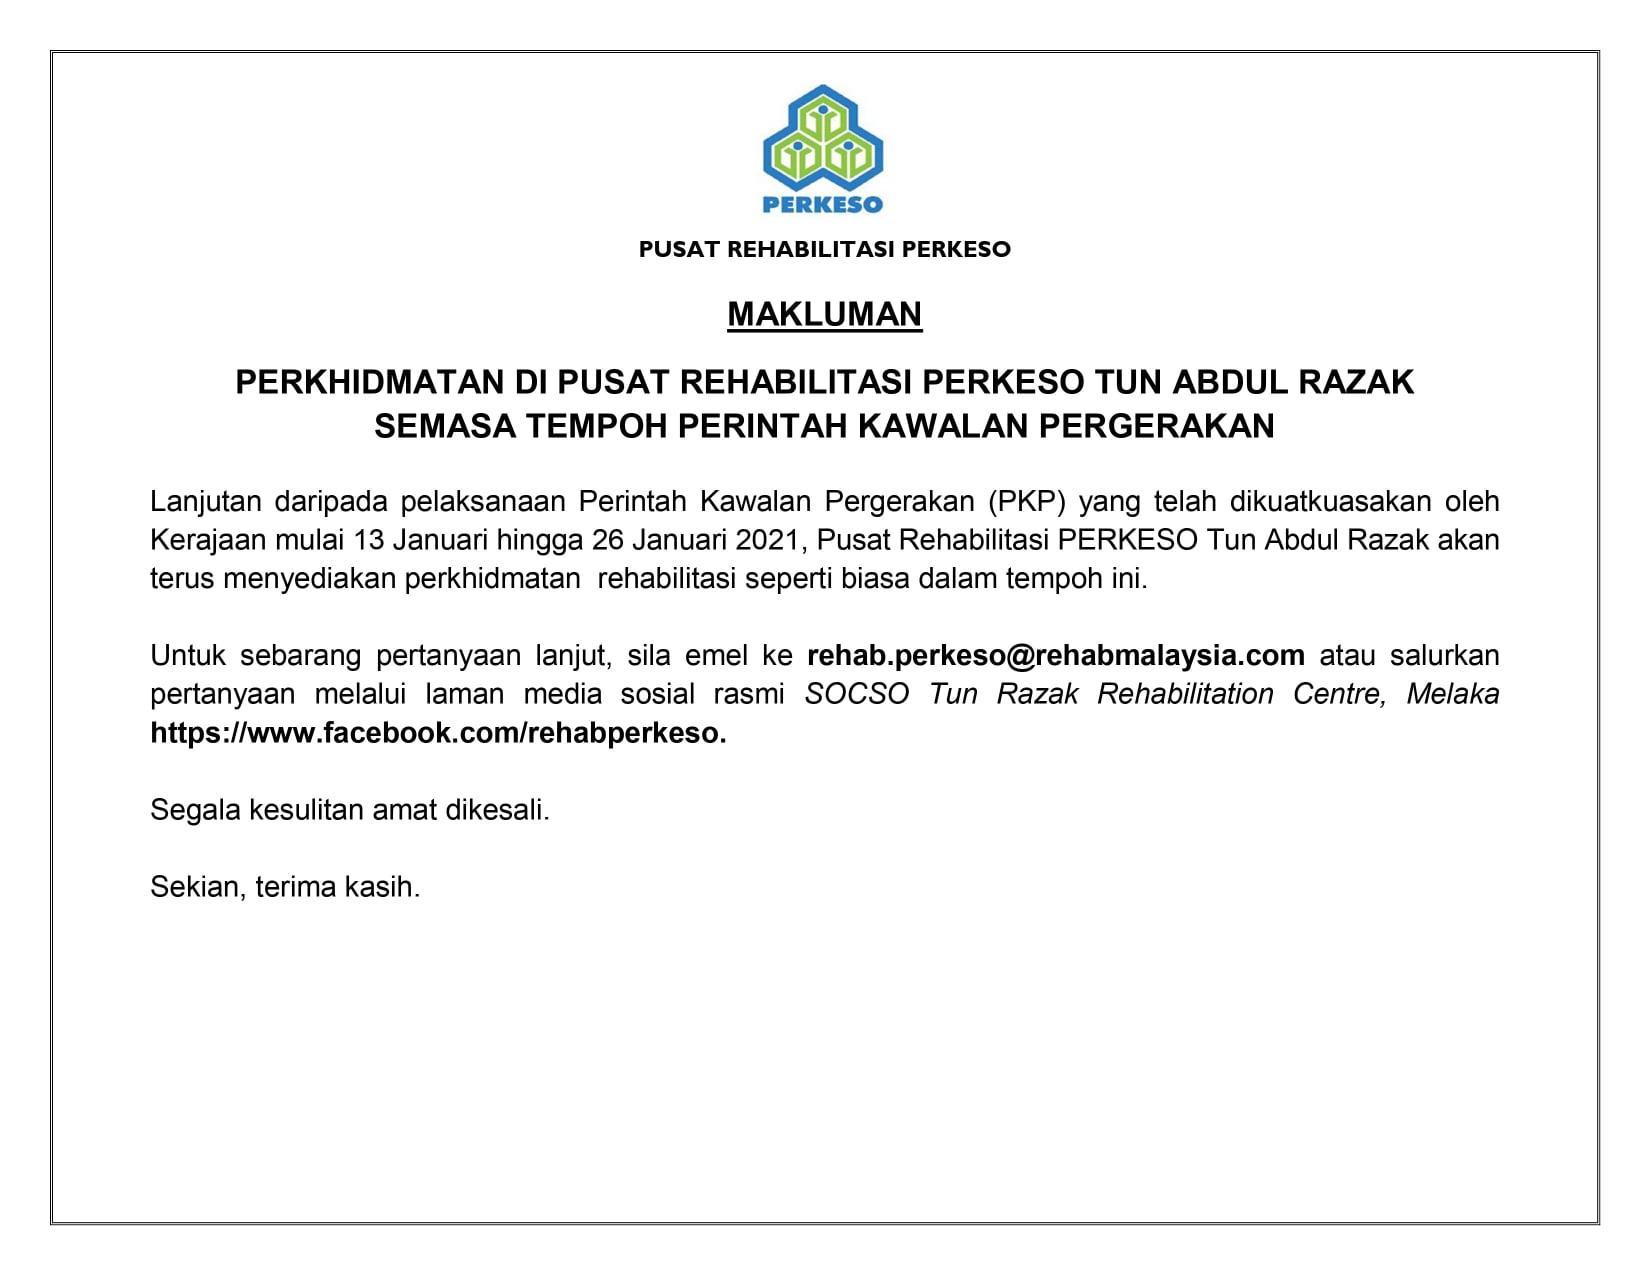 MAKLUMAN: Perkhidmatan di Pusat Rehabilitasi PERKESO Tun Abdul Razak Semasa Tempoh Perintah Kawalan Pergerakan (PKP)